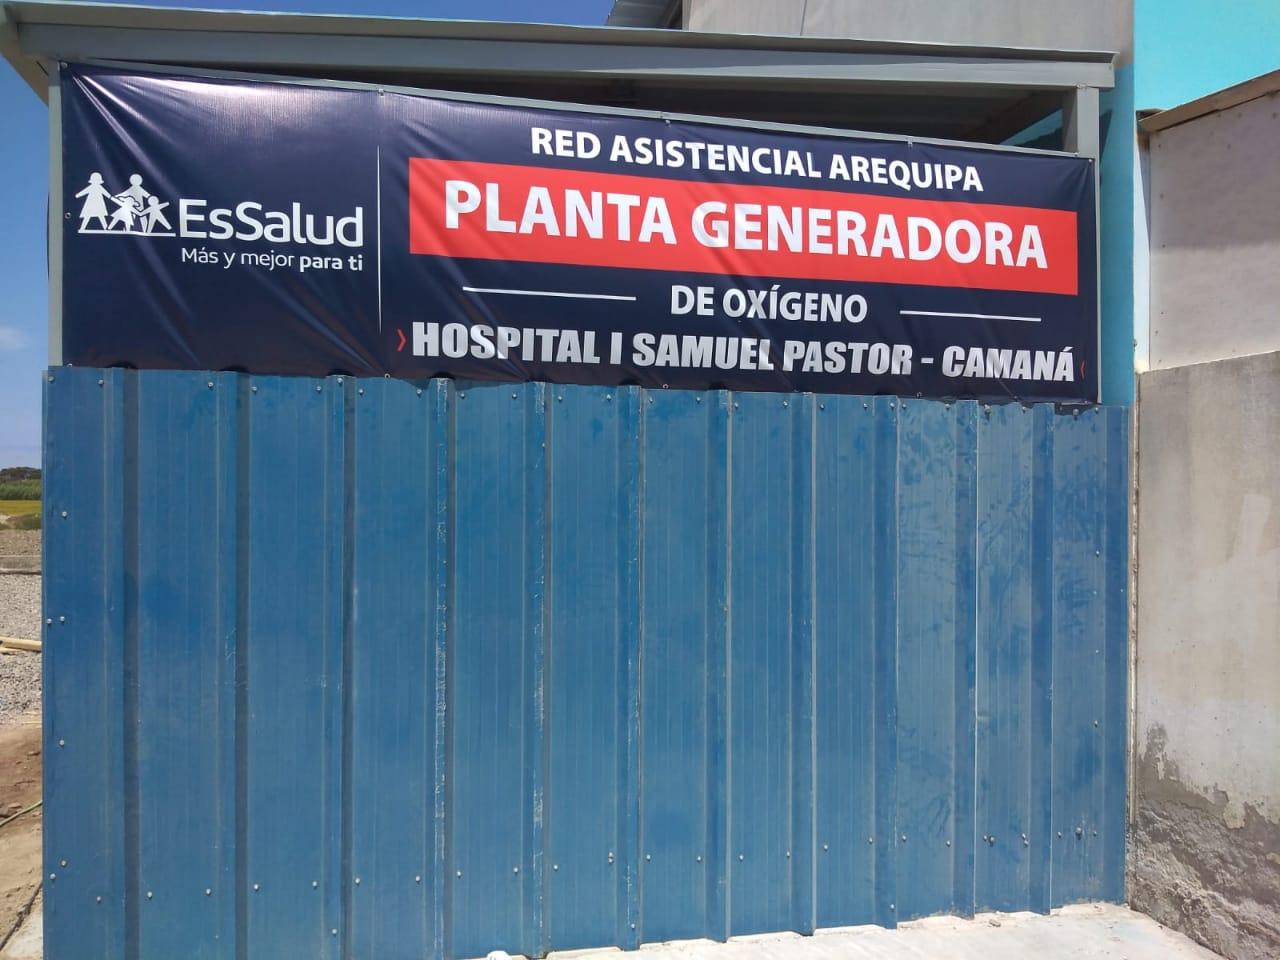 Essalud - EsSalud Arequipa pone en funcionamiento planta generadora de oxígeno en Hospital I Samuel Pastor de Camaná